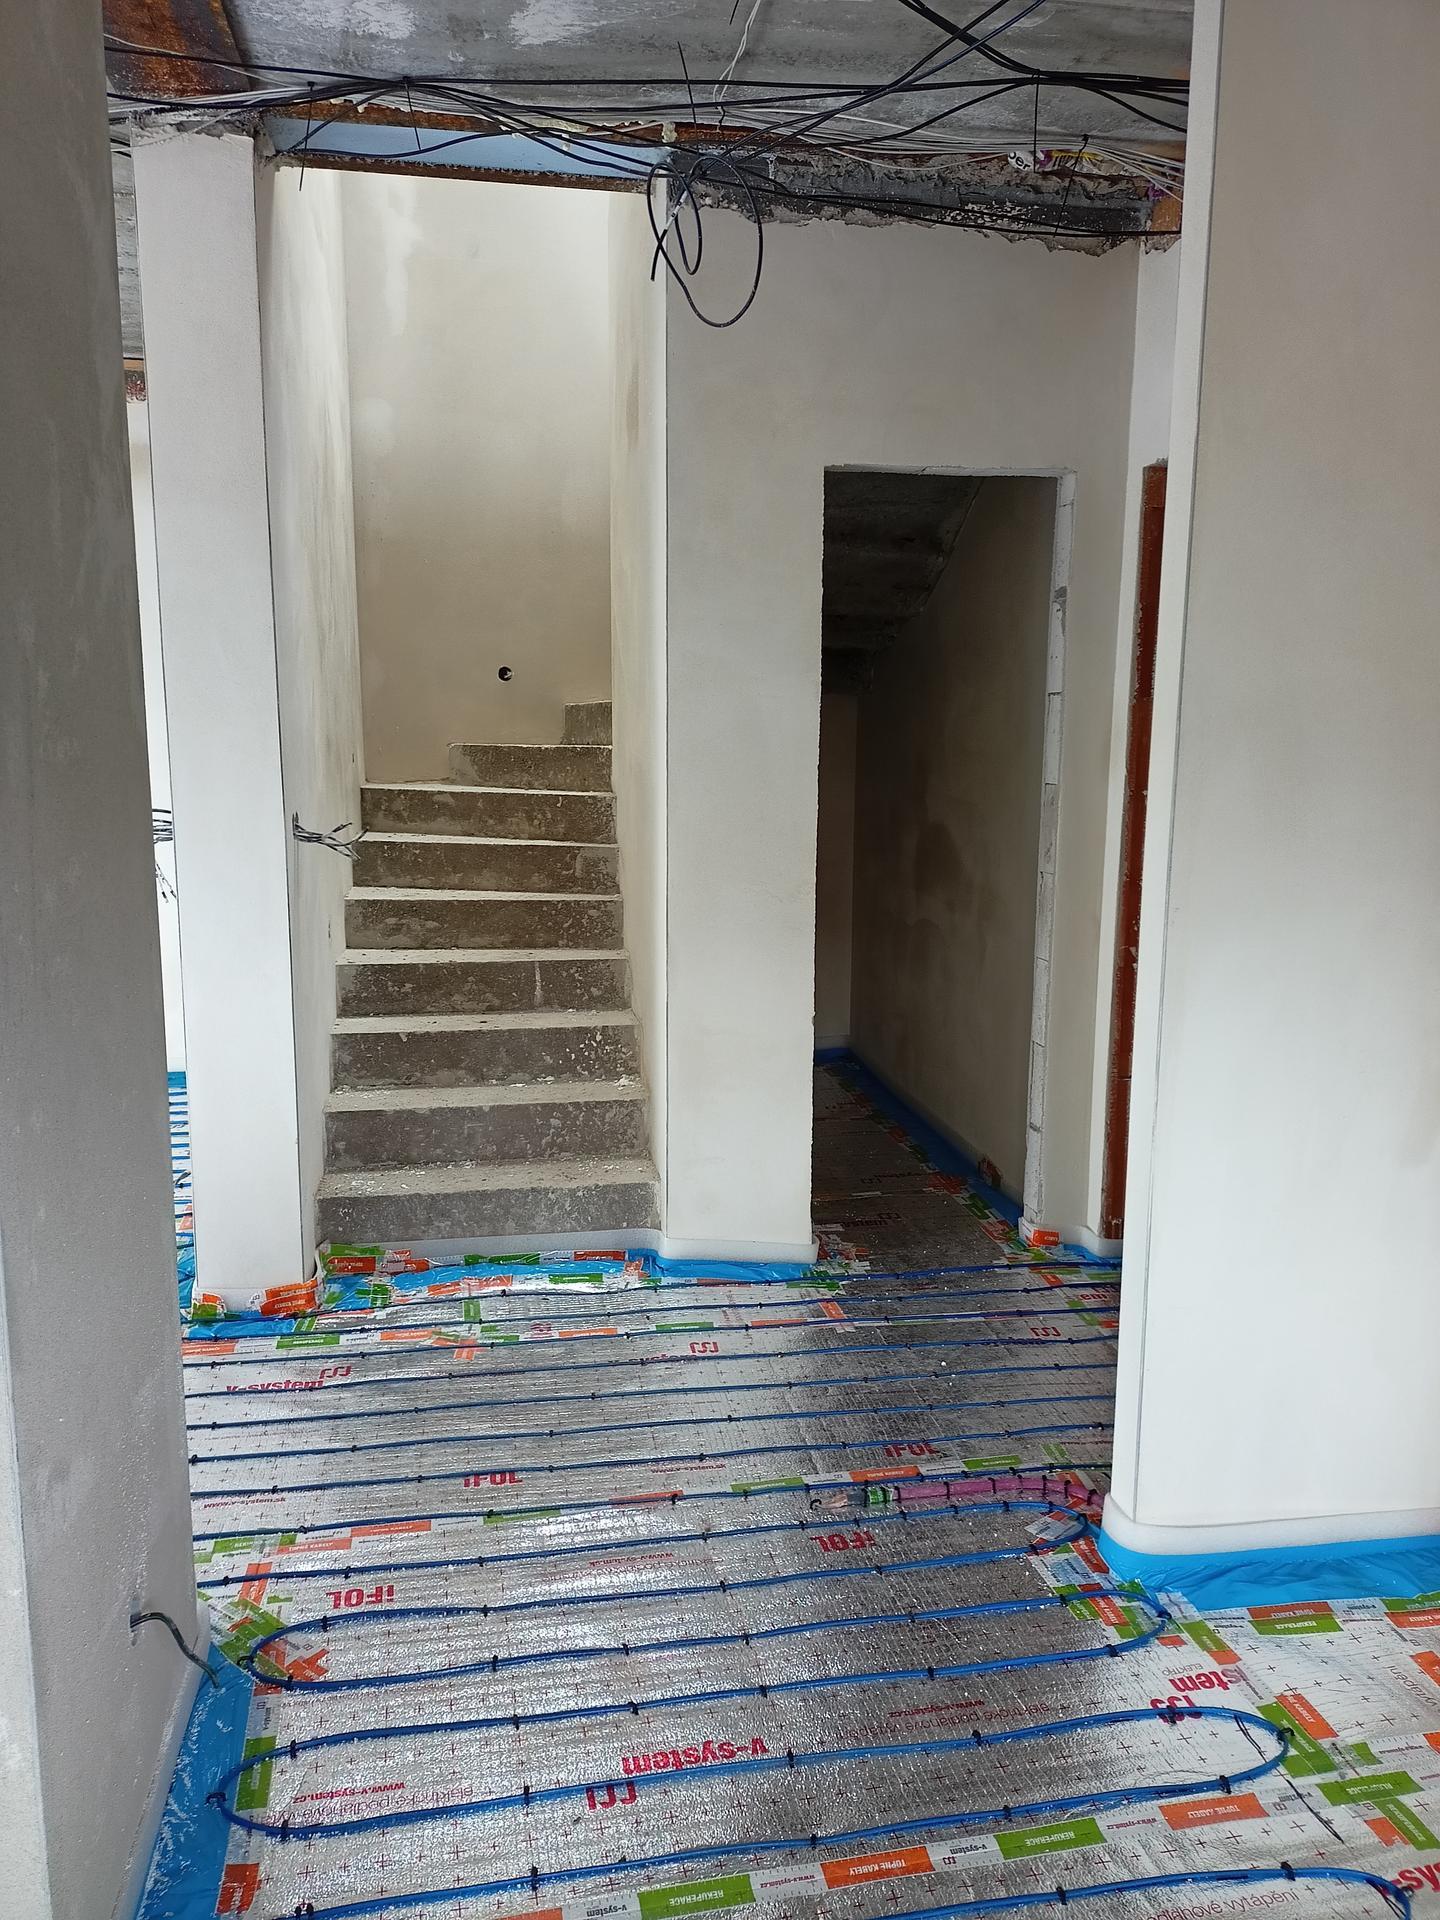 Naše doma - Dráty topení do podlah položeny